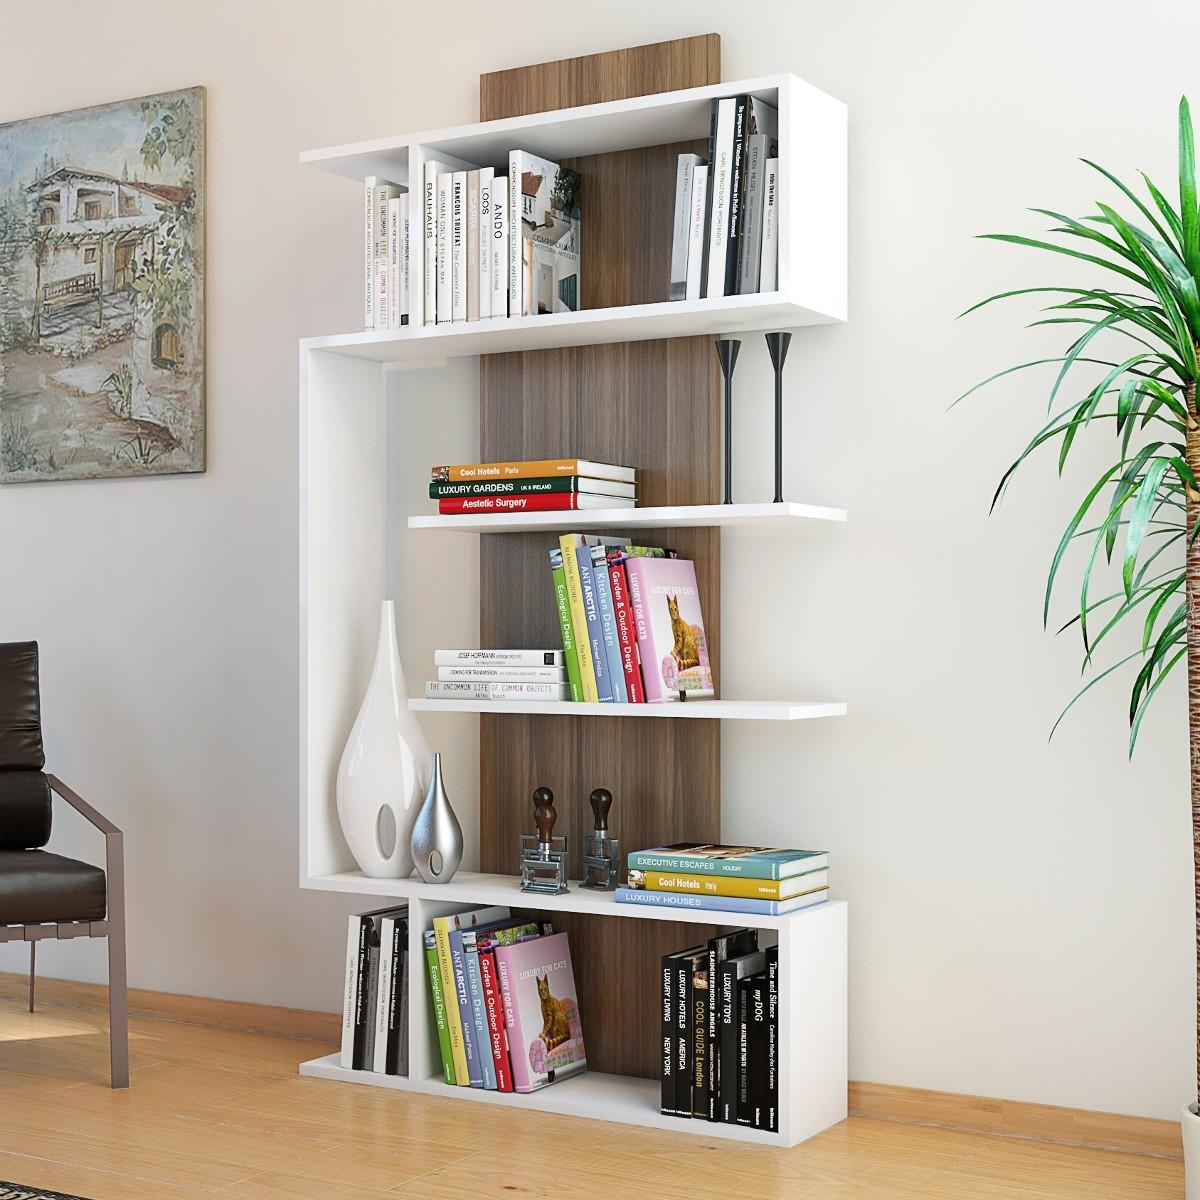 Beryl libreria da soggiorno moderna bianco noce 90 x 170 cm for Acquisto libreria